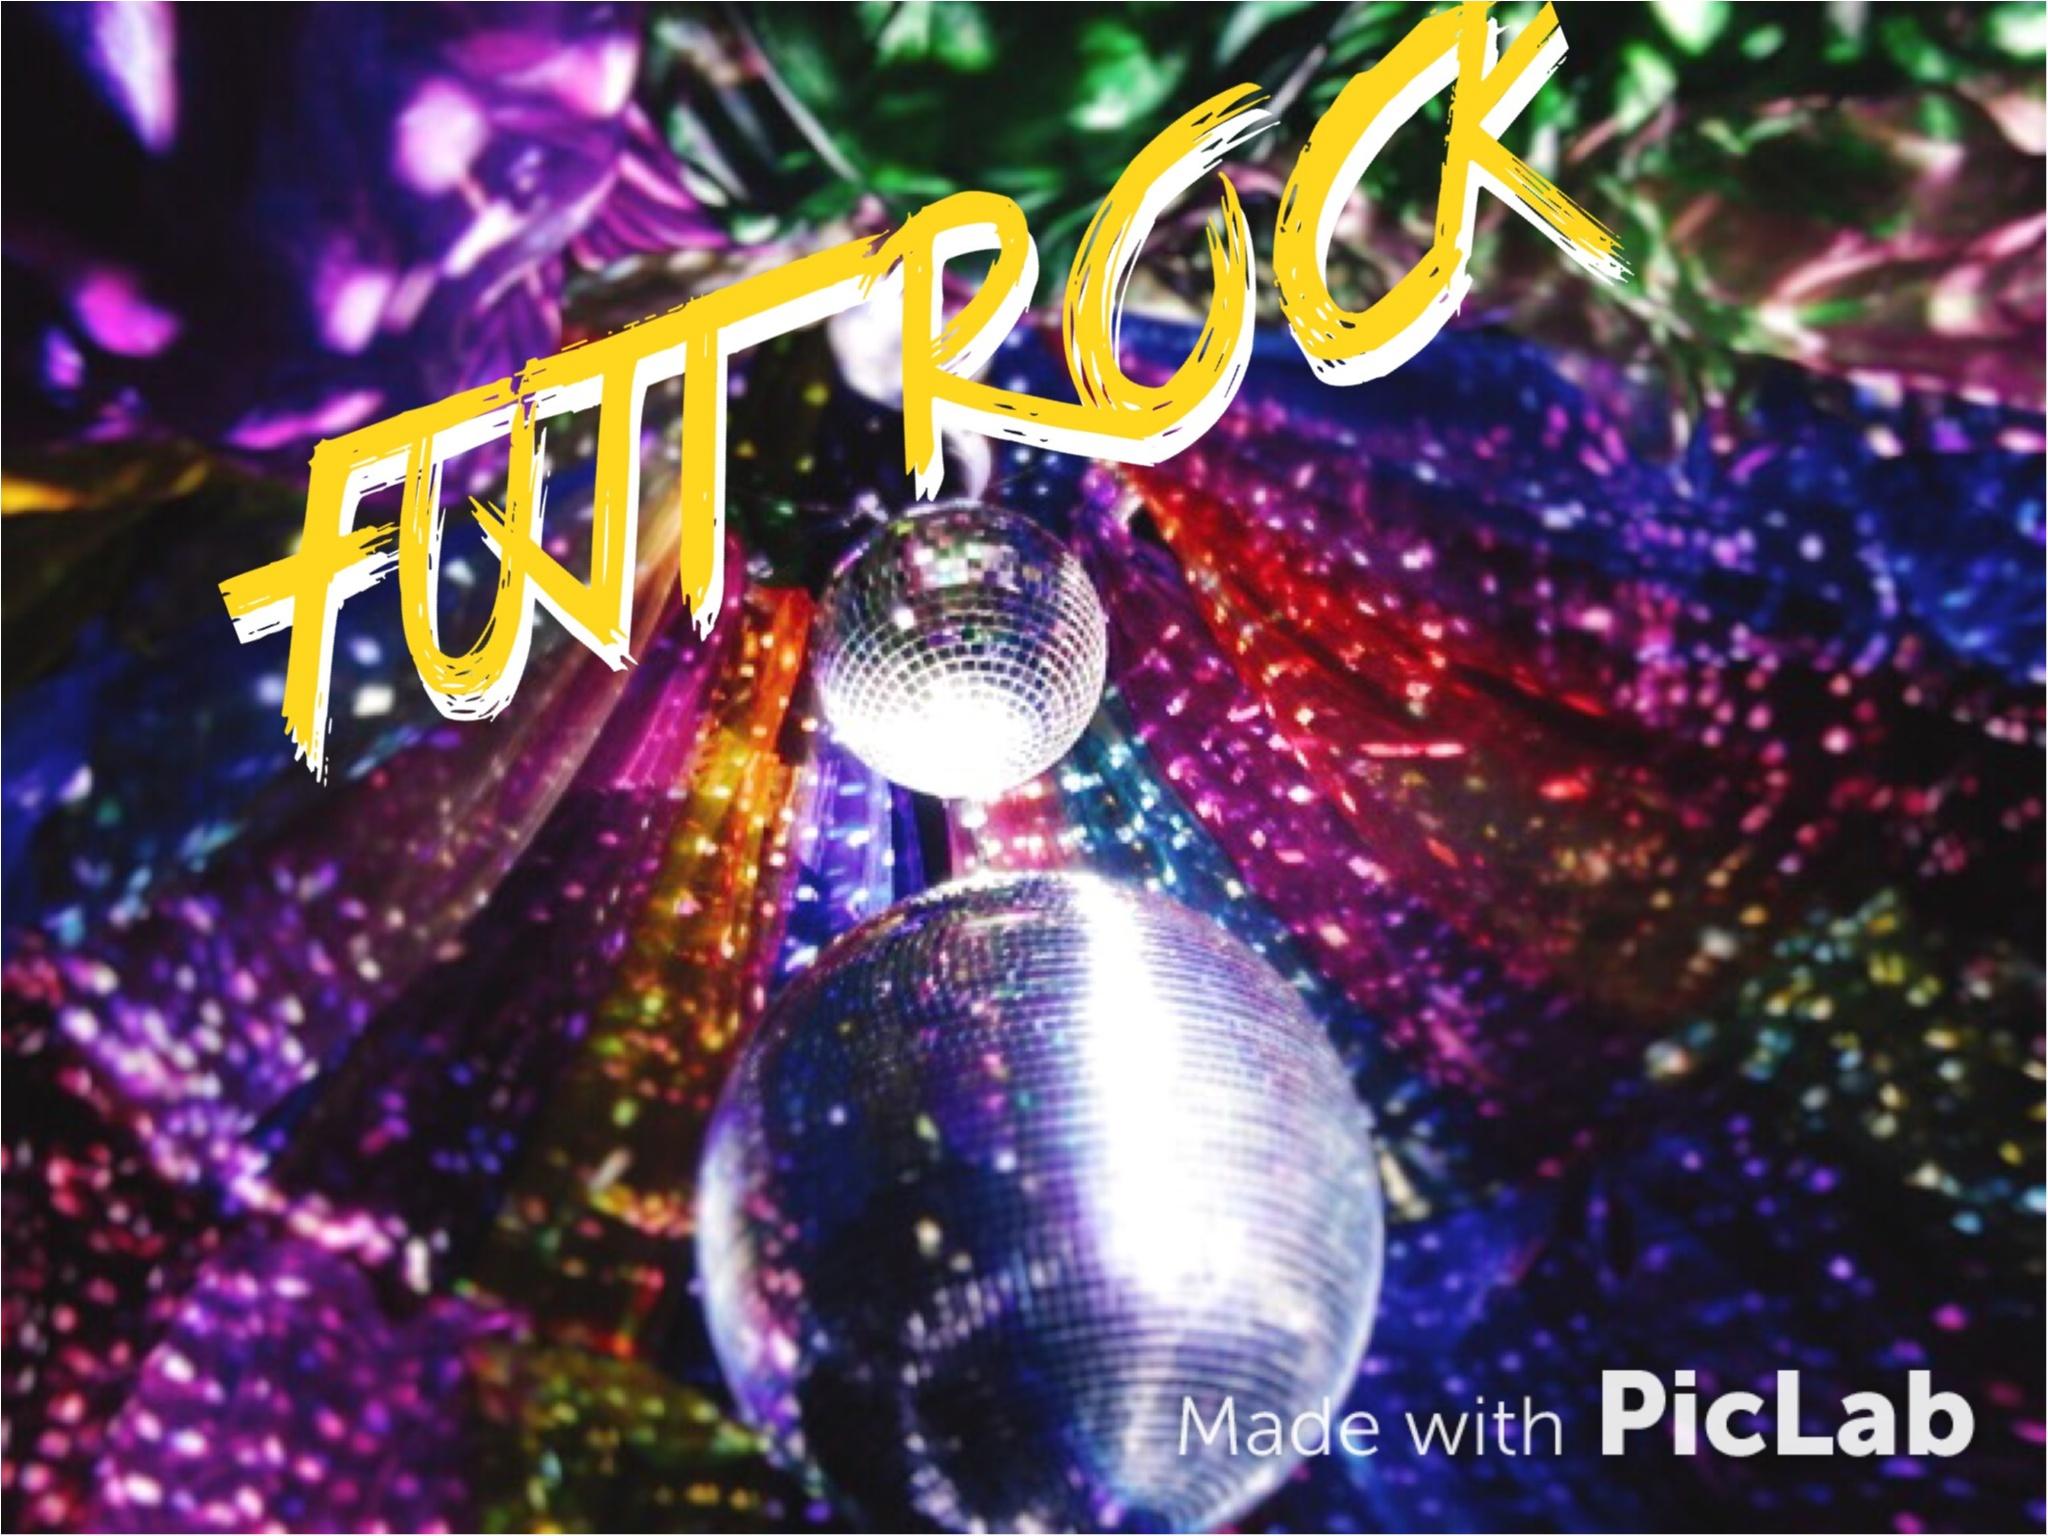 """《カウントダウン開始!》 FUJI ROCKへの道♡これであなたも""""FUJI ROCKER"""" プロに学んだカラーメイクでキメるフェスメイクのすゝめ♡_1"""